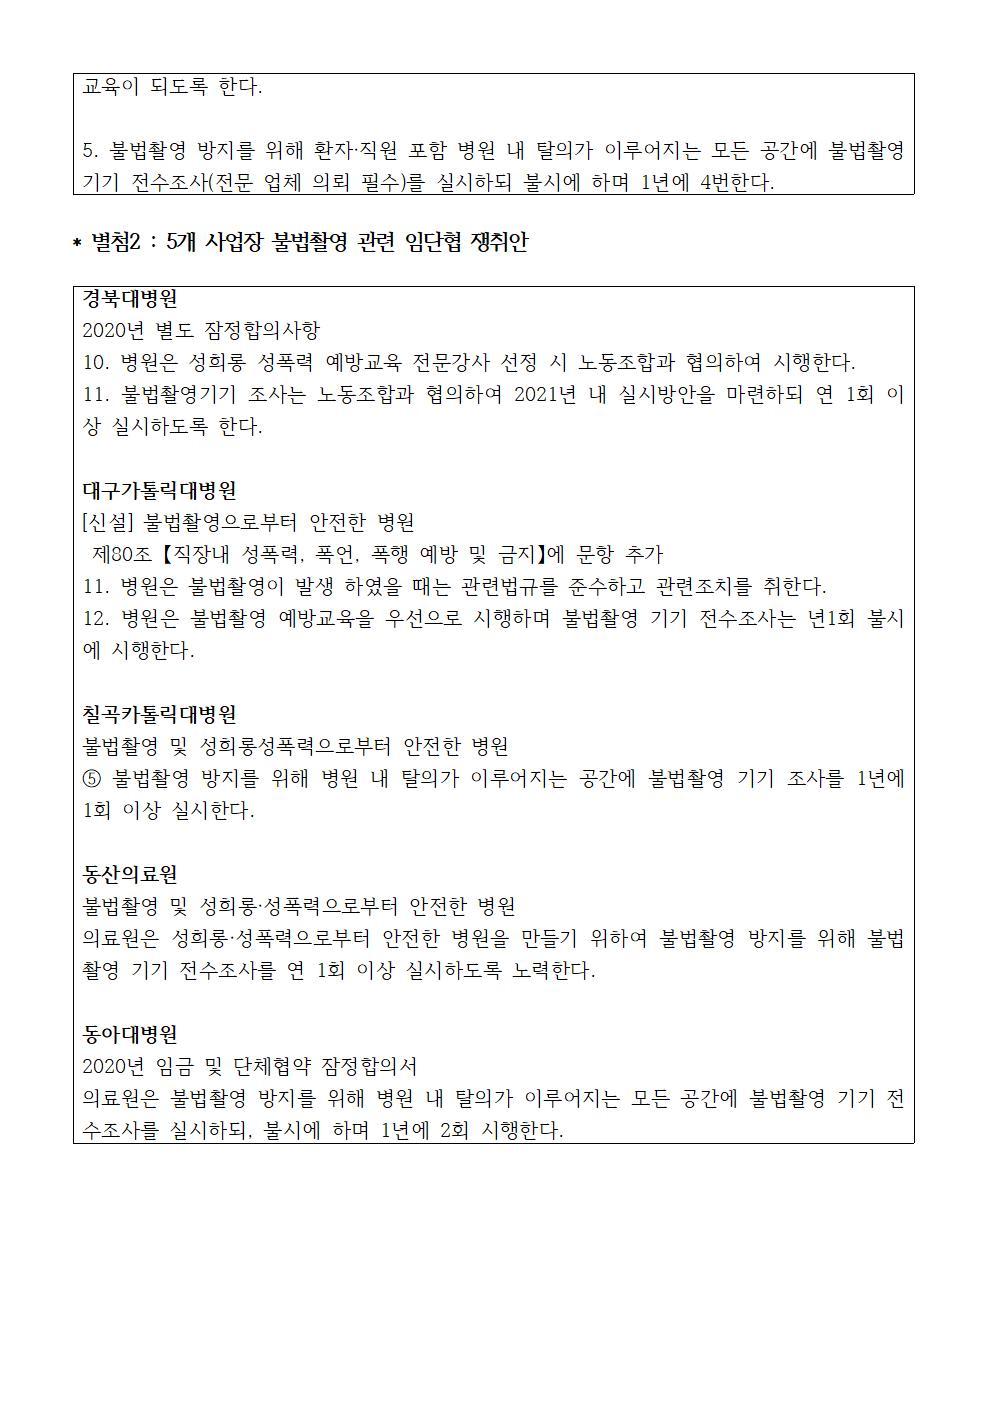 20201203_[성명]임단협 불법촬영 타결003.jpg